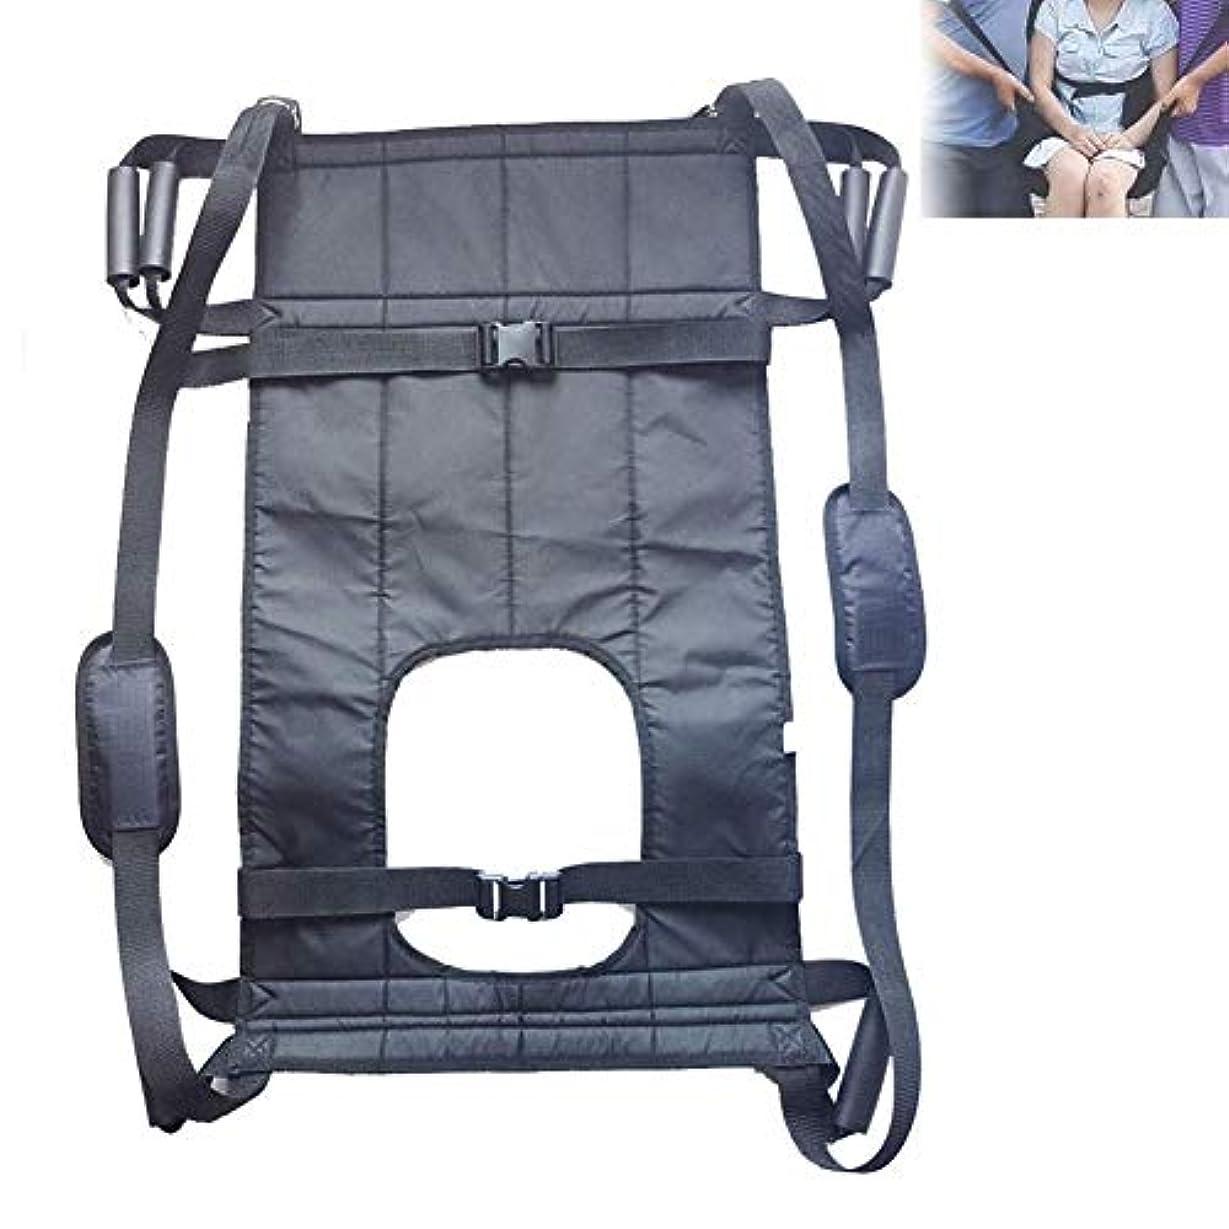 中断私のチャーター患者用補助具パッド付き車椅子用シートベルトハンドル付きベルト、寝たきり老人介護、便器患者用のトランスファーシートパッド,Canlieflat